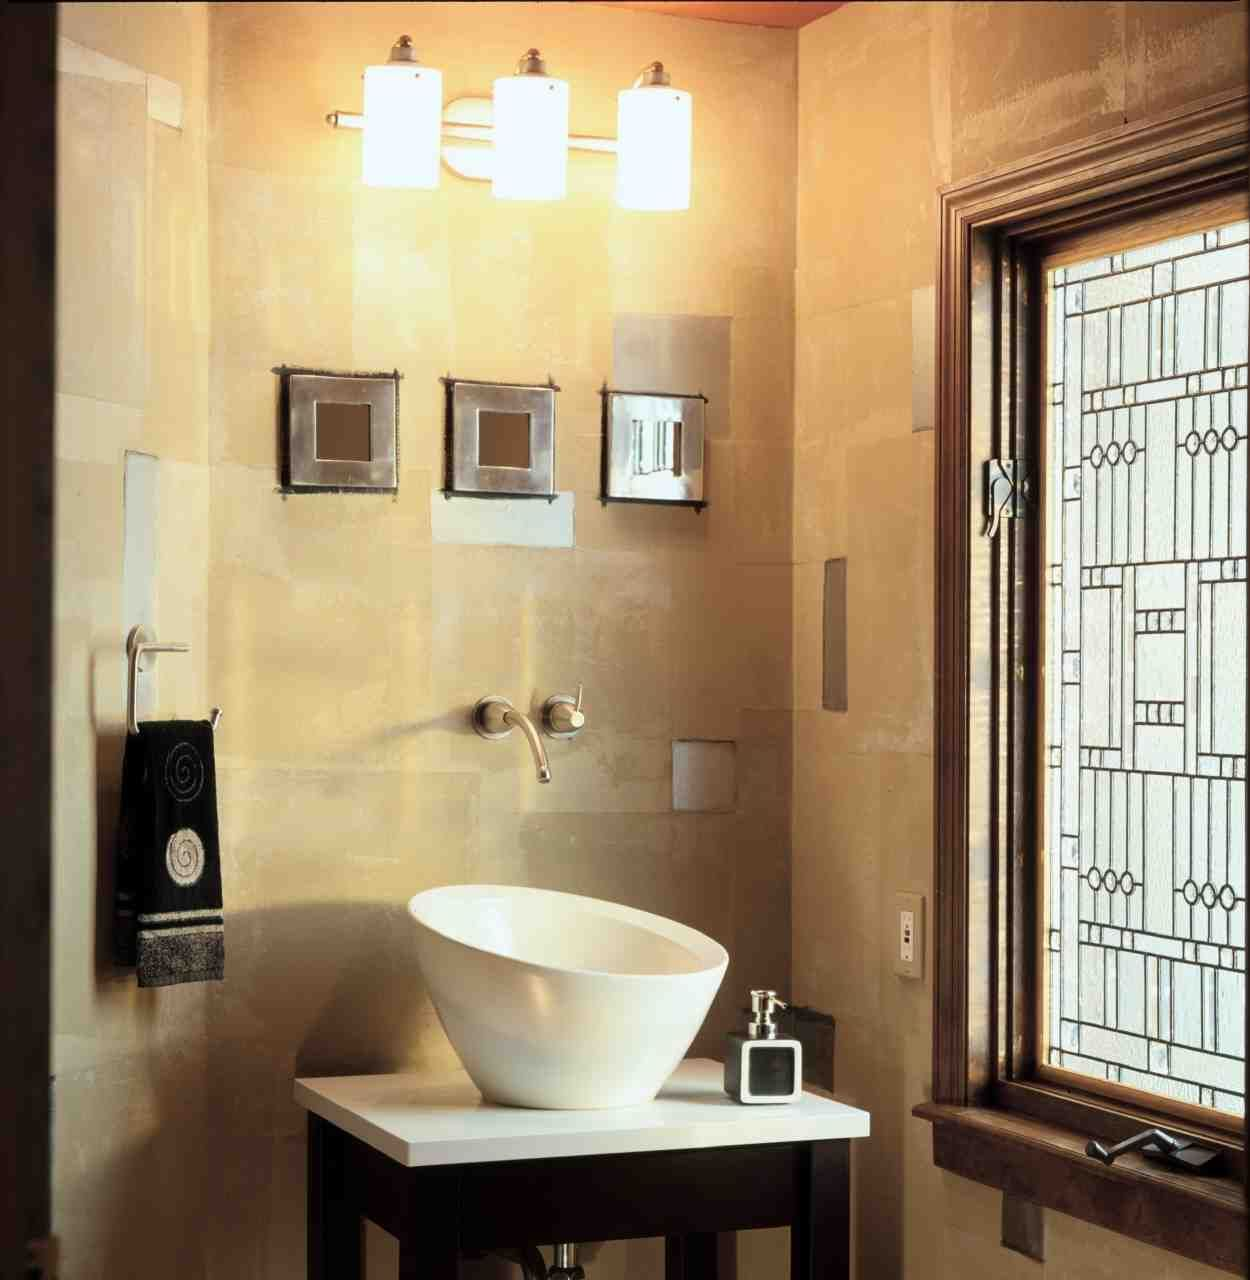 Guest Bathroom Decor Ideas | bathroom decor | Pinterest